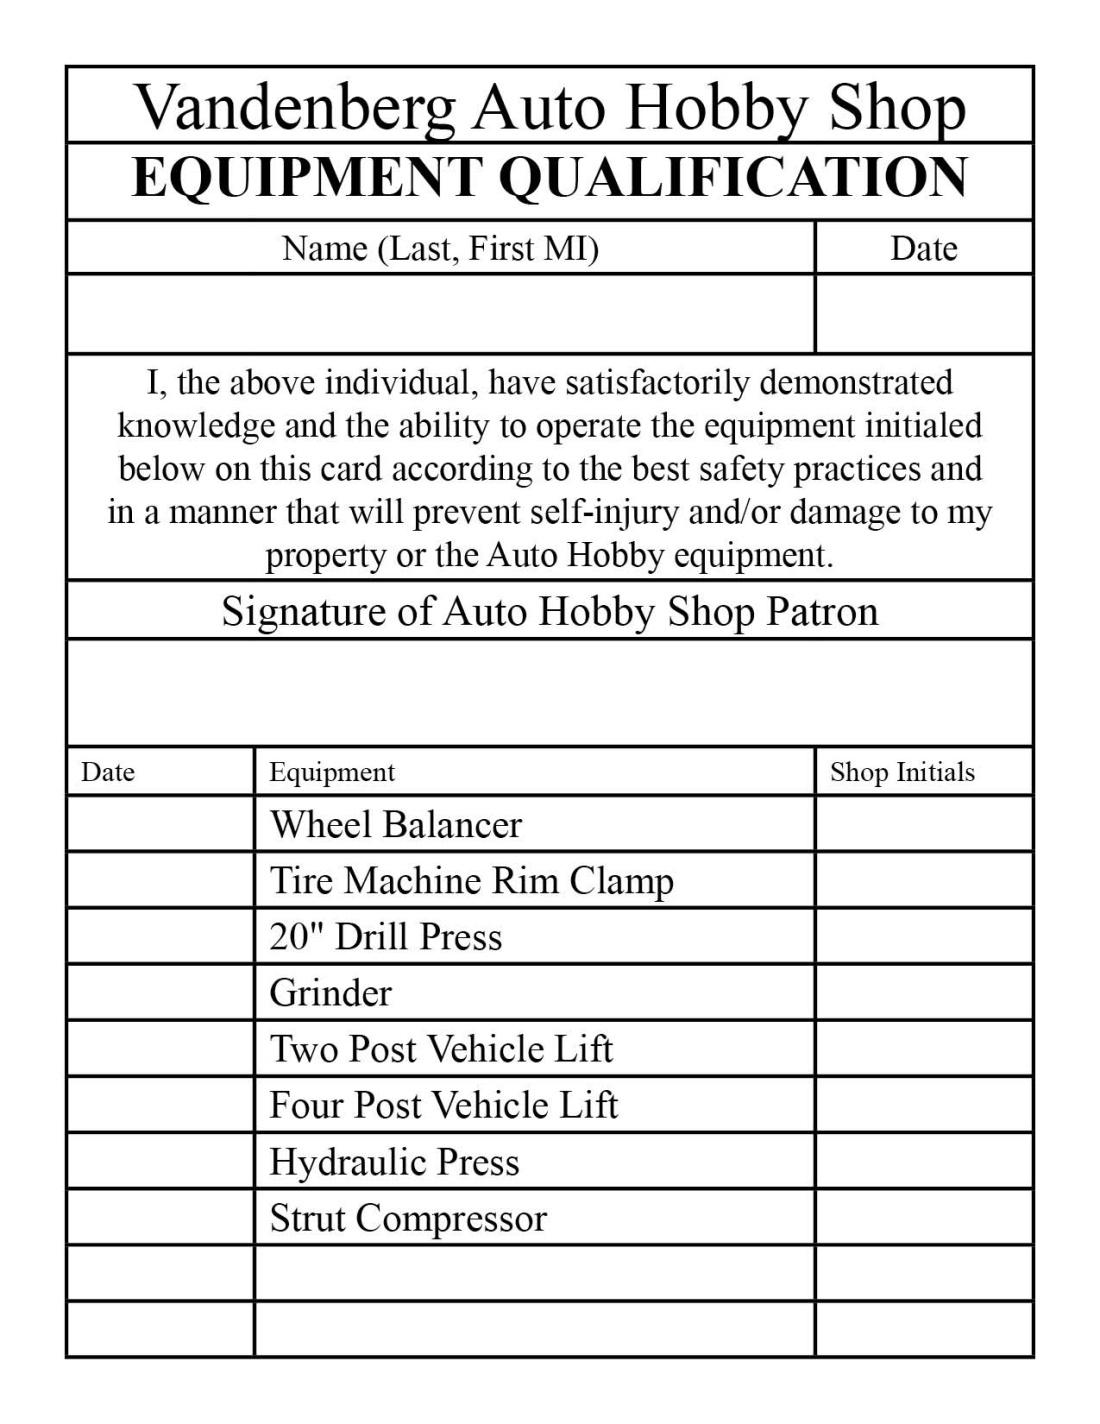 equipmentqual